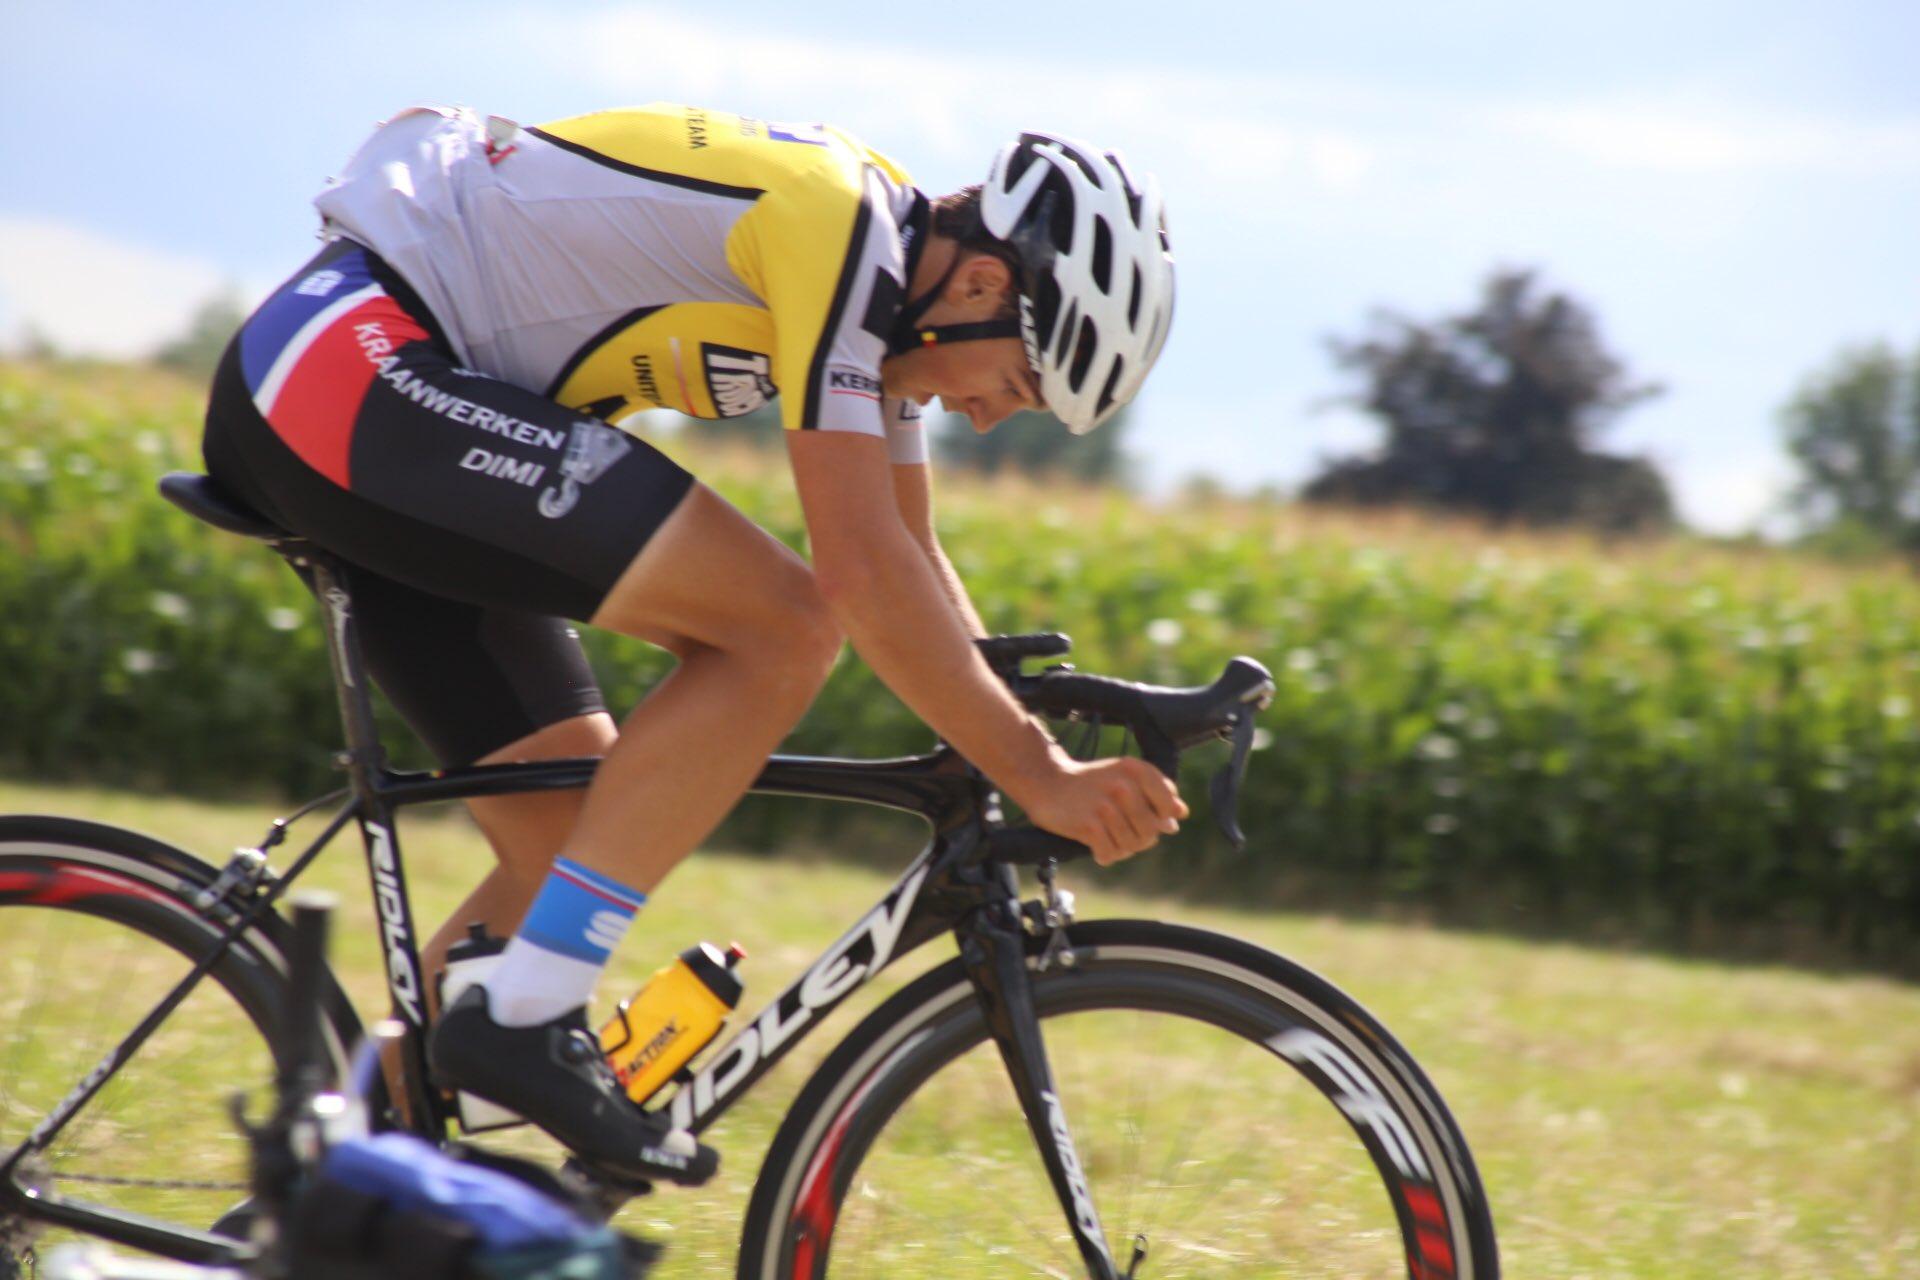 Lennert Teugels rondt mooie solo af en wint #Landskouter #koers #wielrennen @BELCycling #Oosterzele https://t.co/joo8xc0tfV